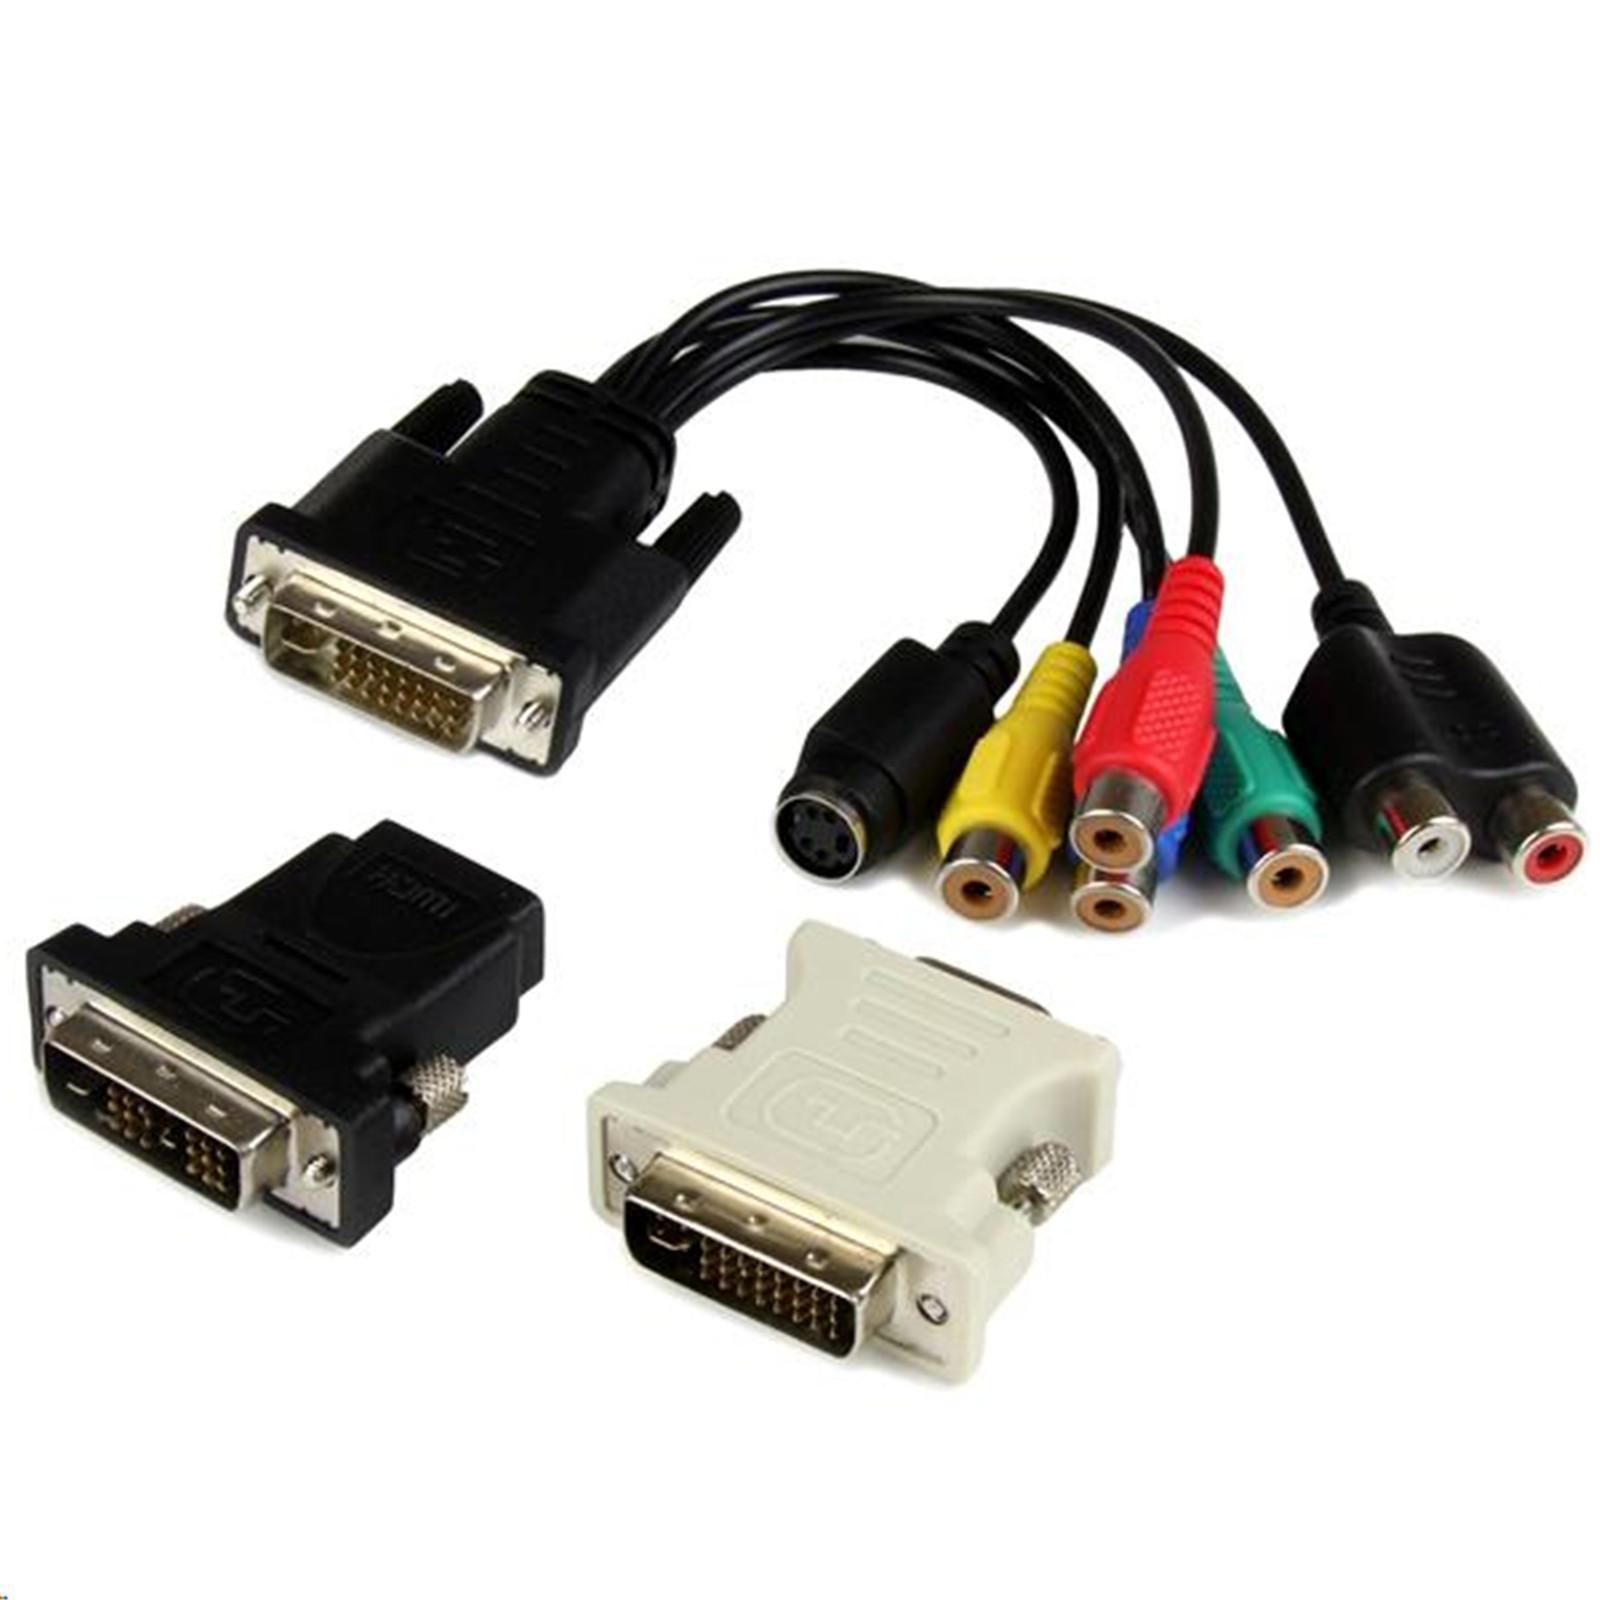 Buy the StarTech PEXHDCAP2 PCIe HD Capture Card - HDMI VGA